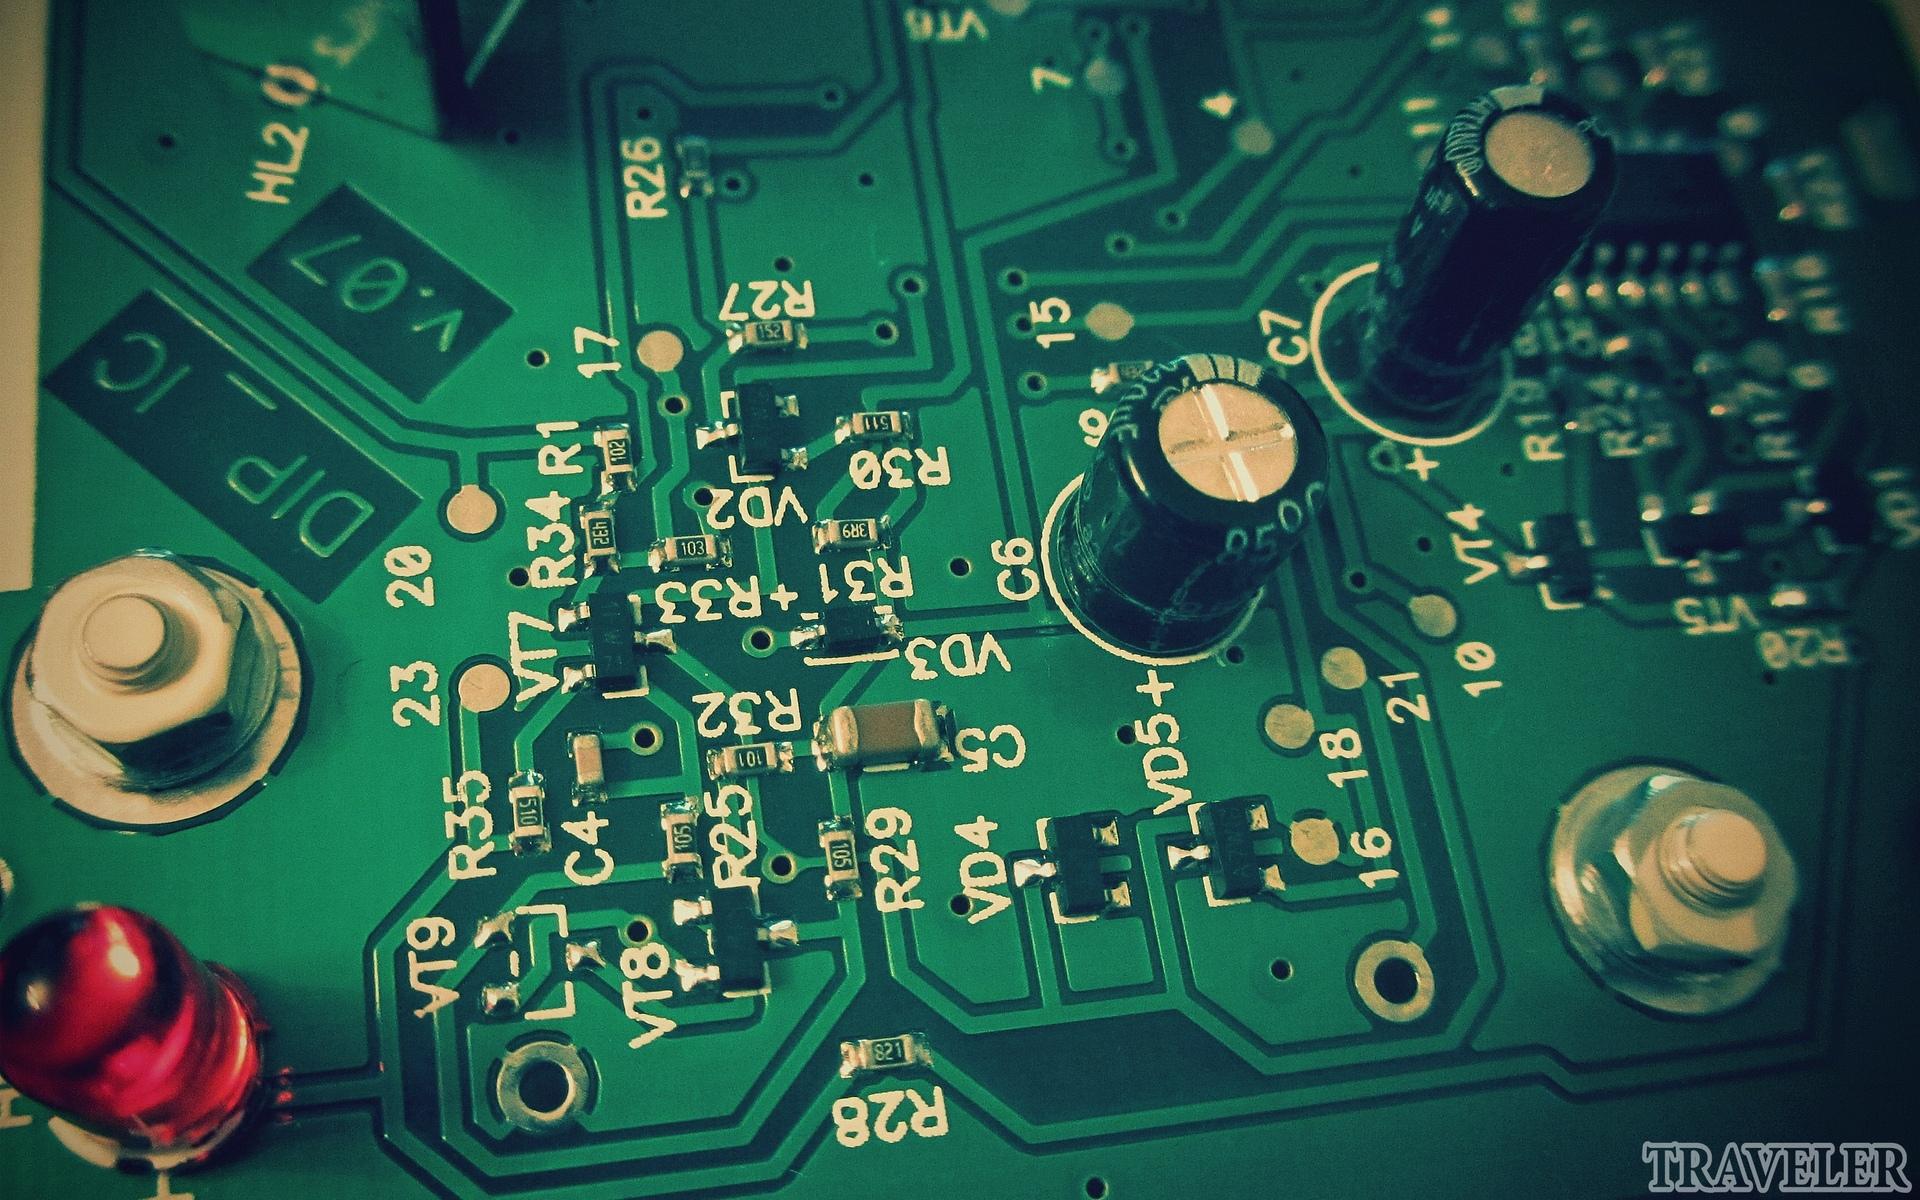 Circuit Computer Wallpapers Desktop Backgrounds 1920x1200 ID 1920x1200